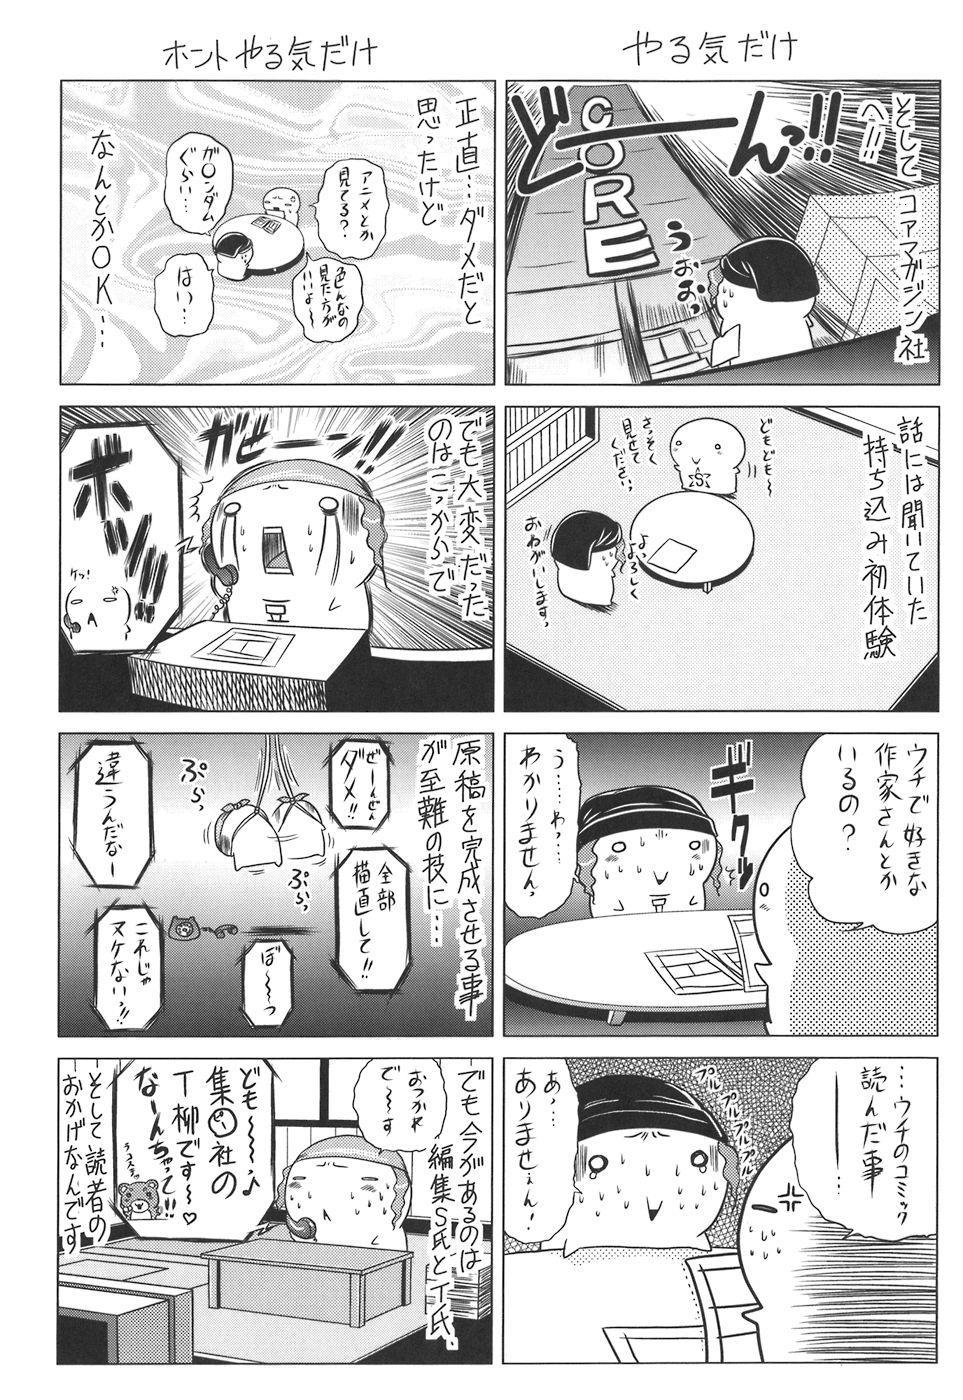 Iroka no Himitsu 188